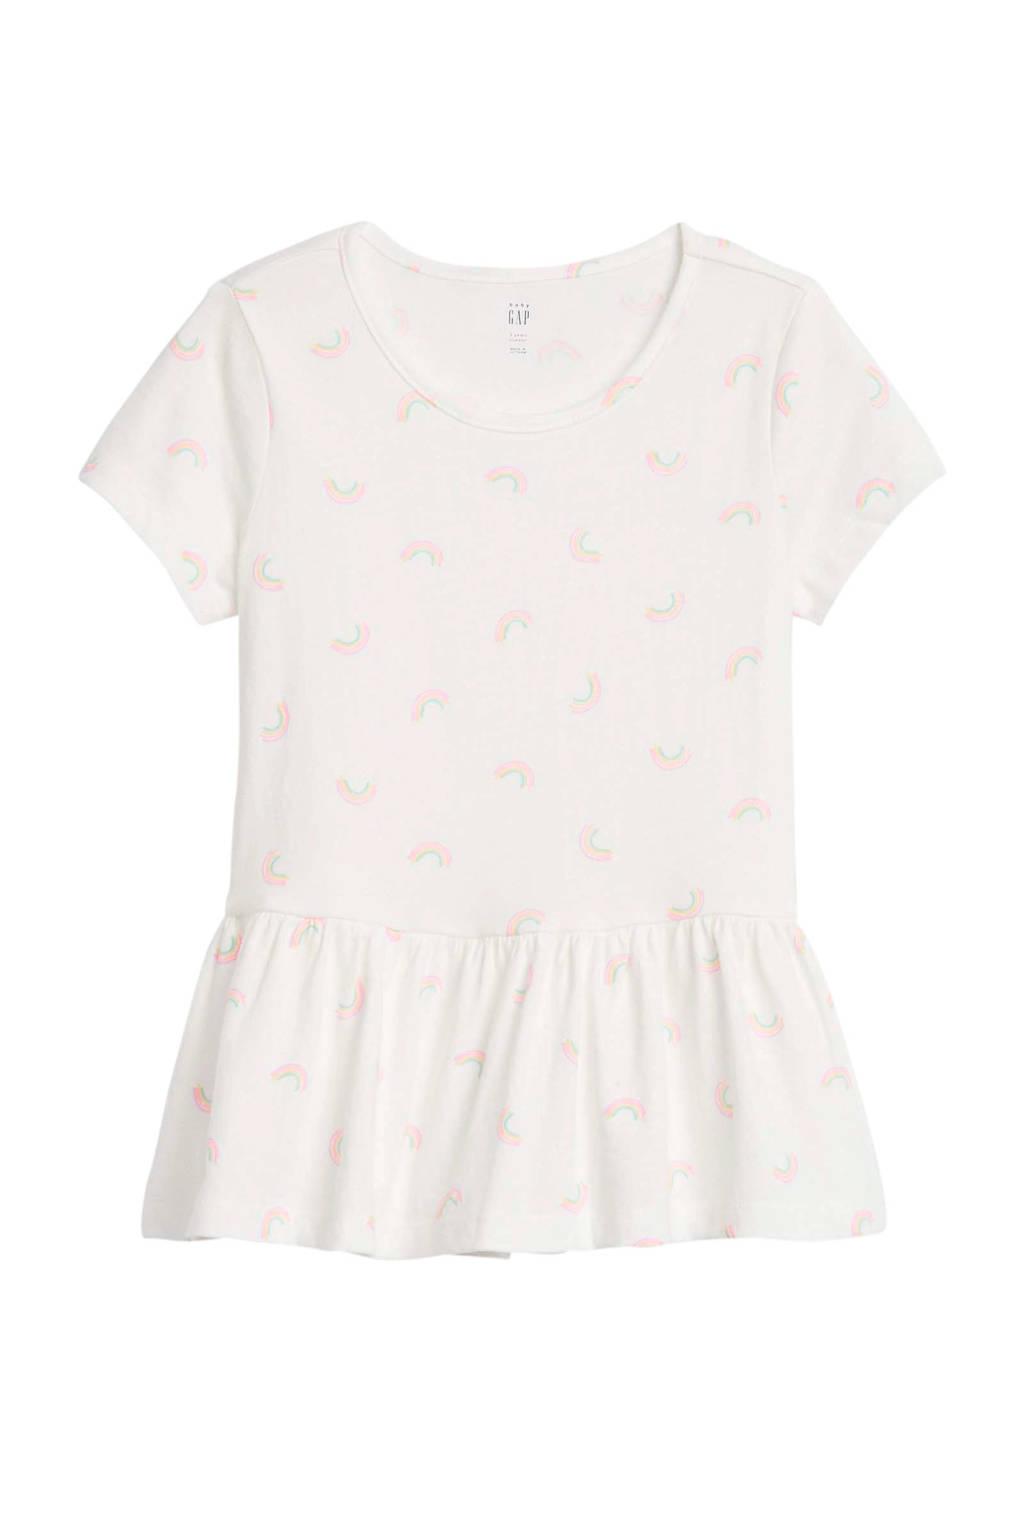 GAP T-shirt met all over print en plooien ecru/roze/paars